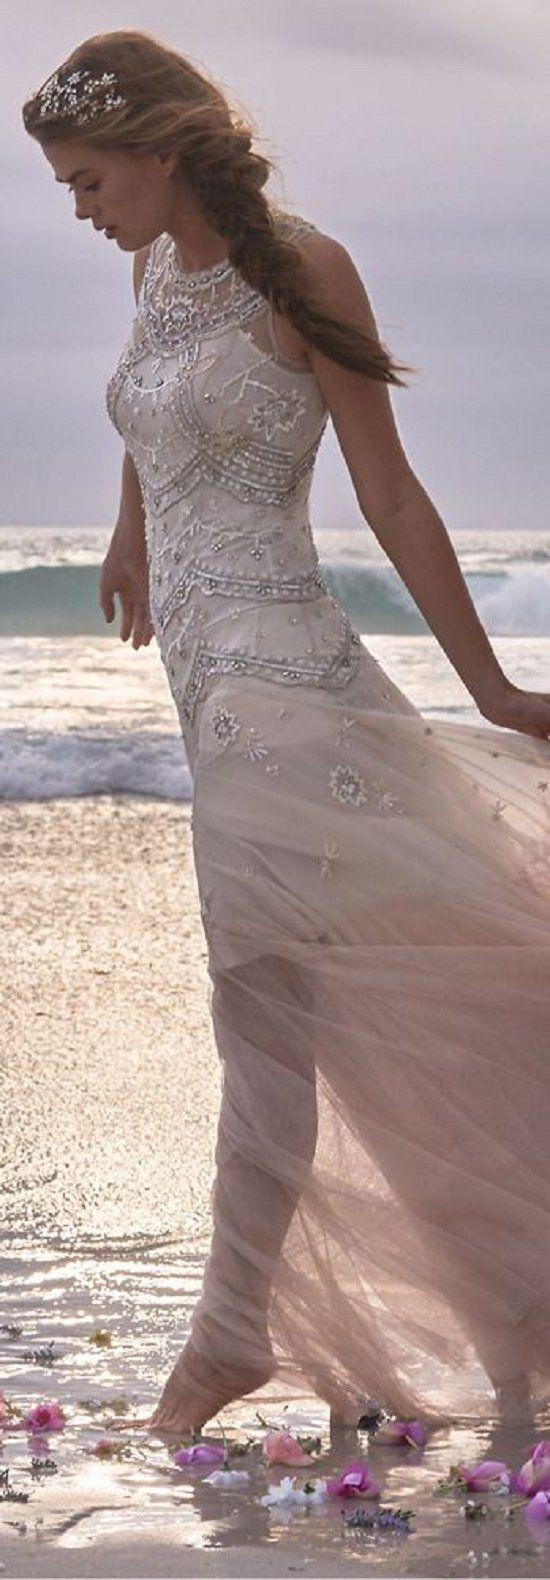 Kate Bohemian Wedding Dress